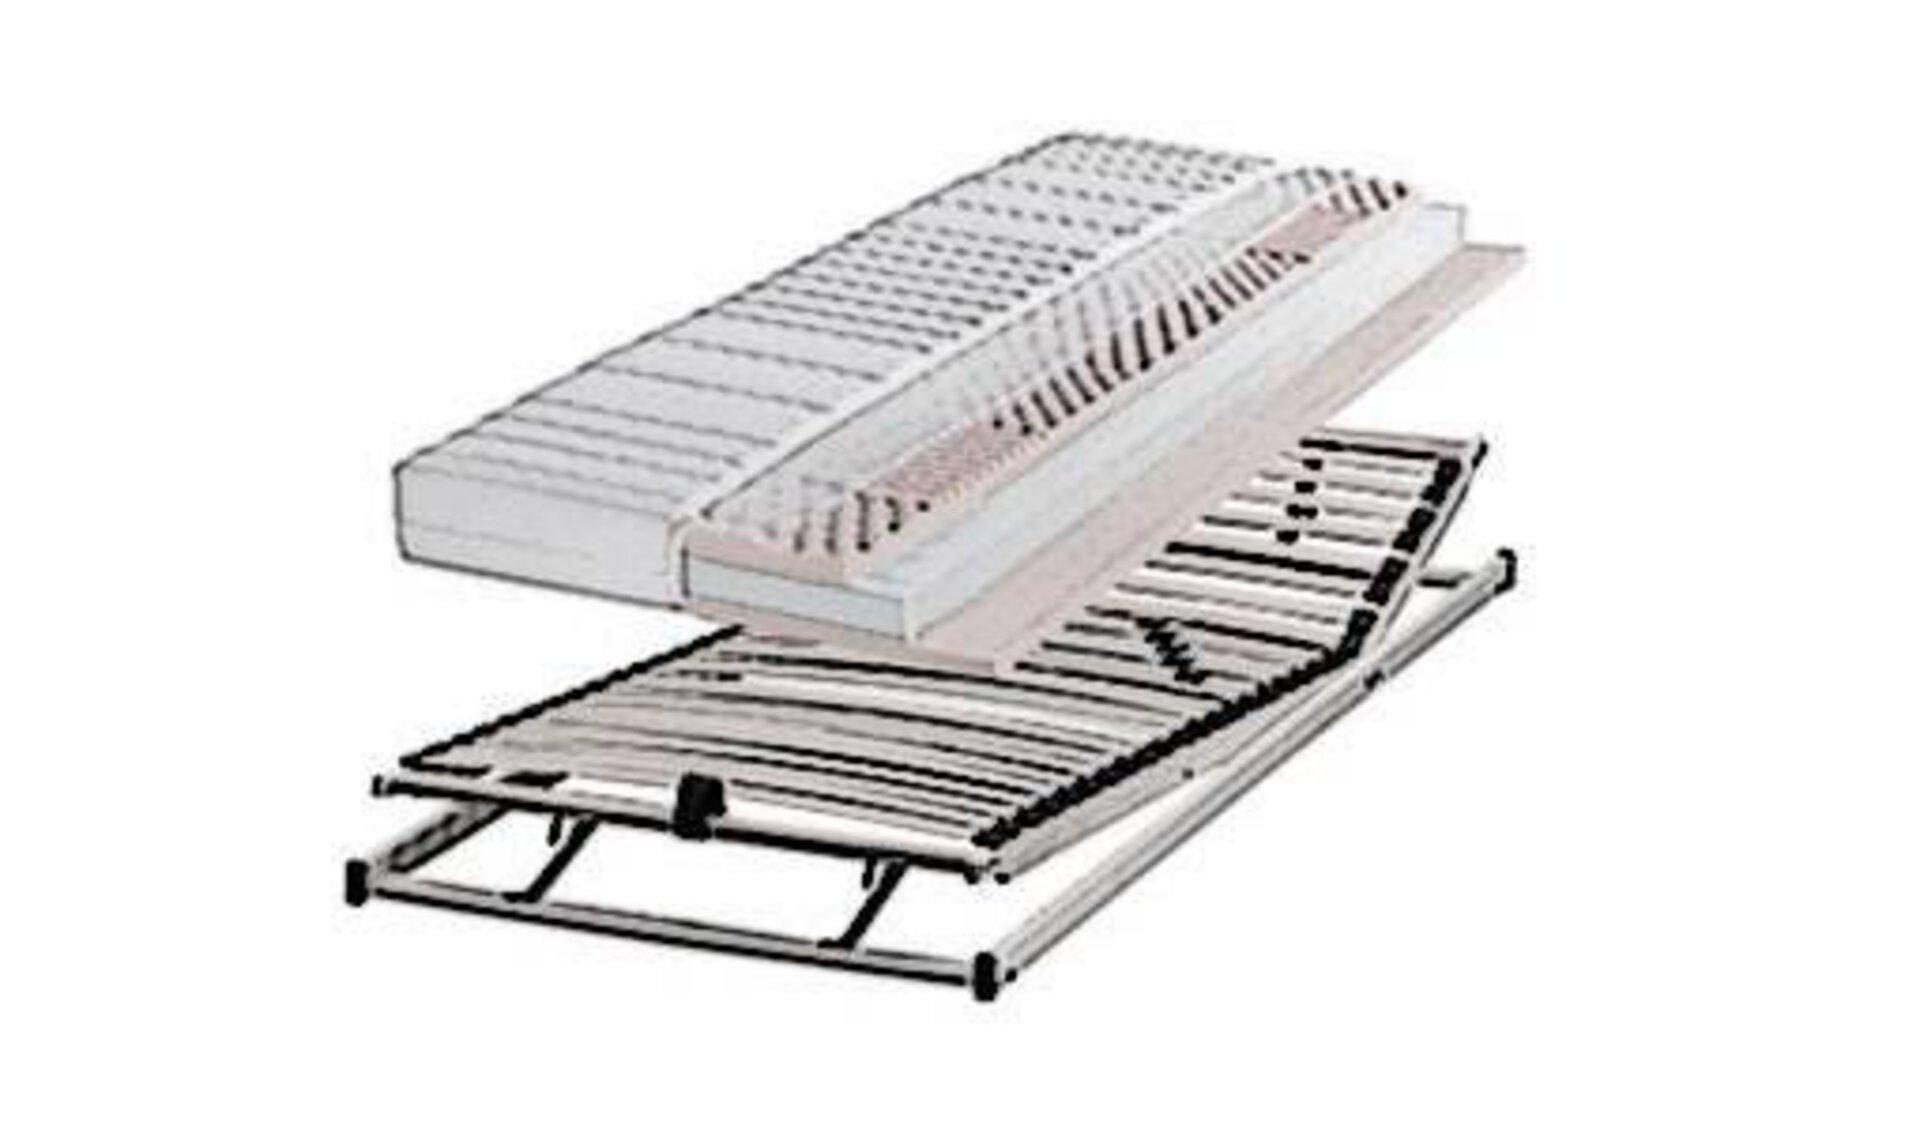 Die Kategorie Matratzen und Lattenroste wird durch einen verstellbaren Lattenrost und einer darüber schwebenden Matratze dargestellt.